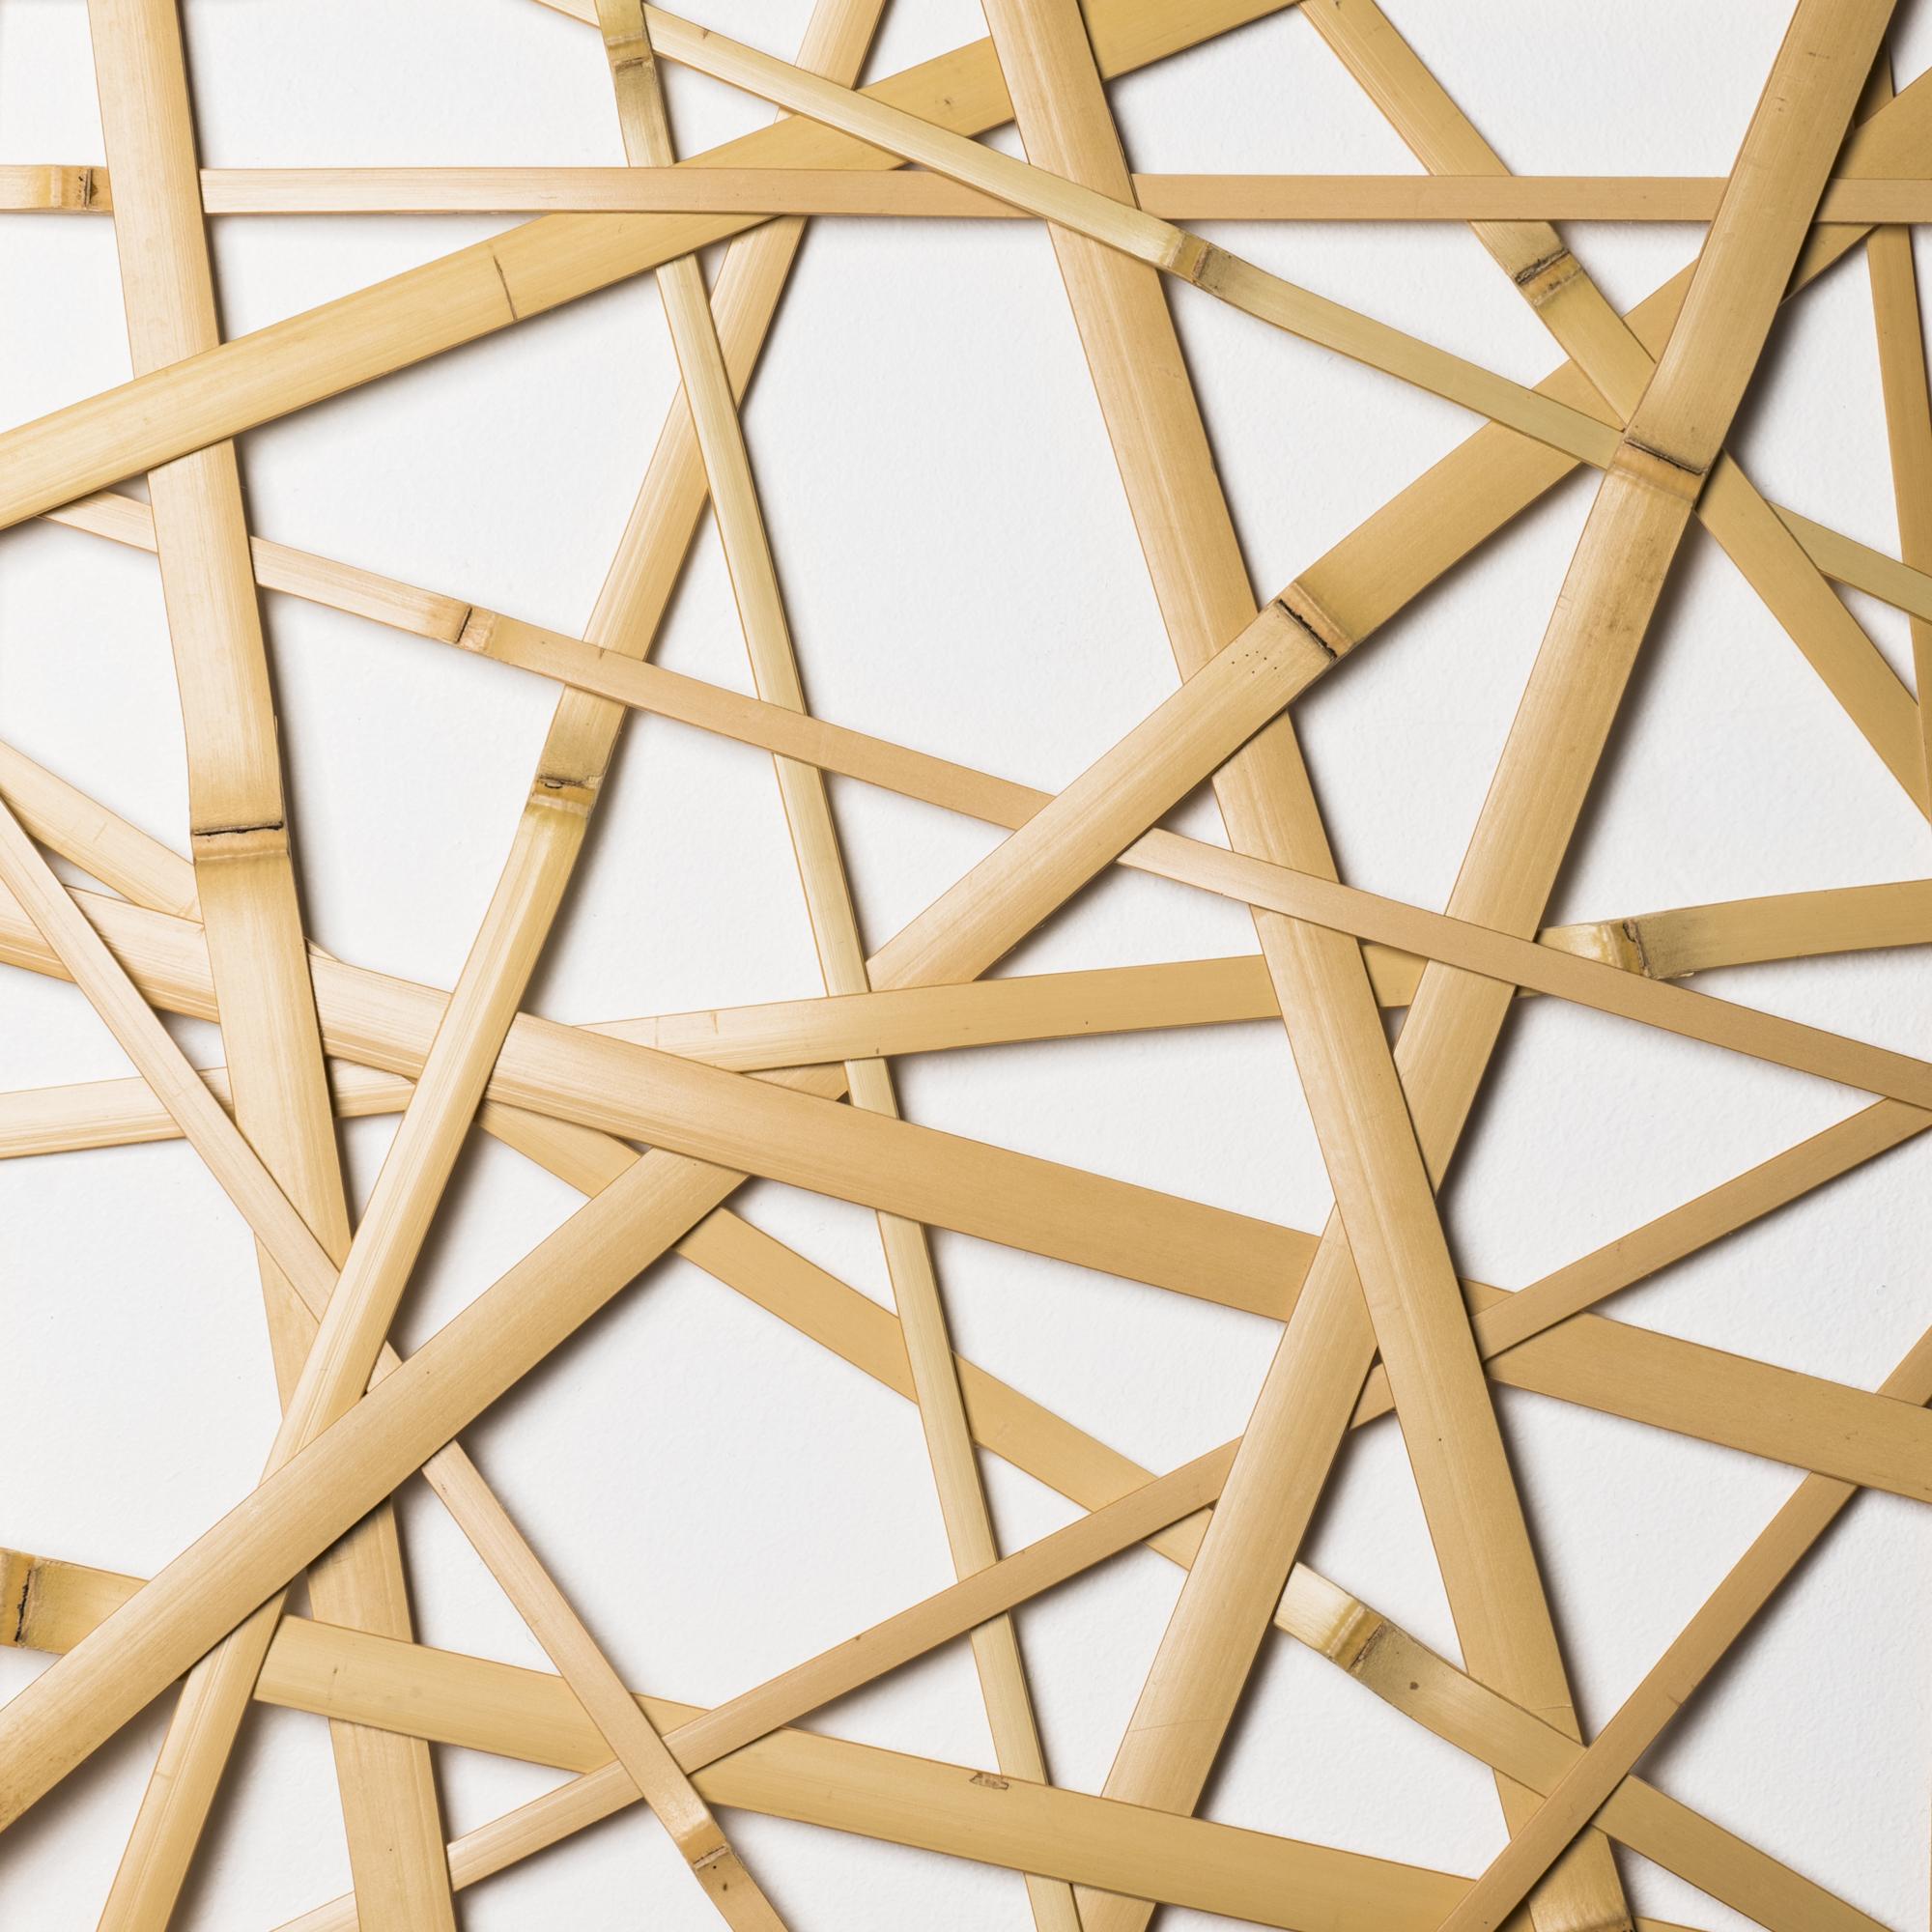 日本の伝統的な竹を編む技法〈やたら編み〉